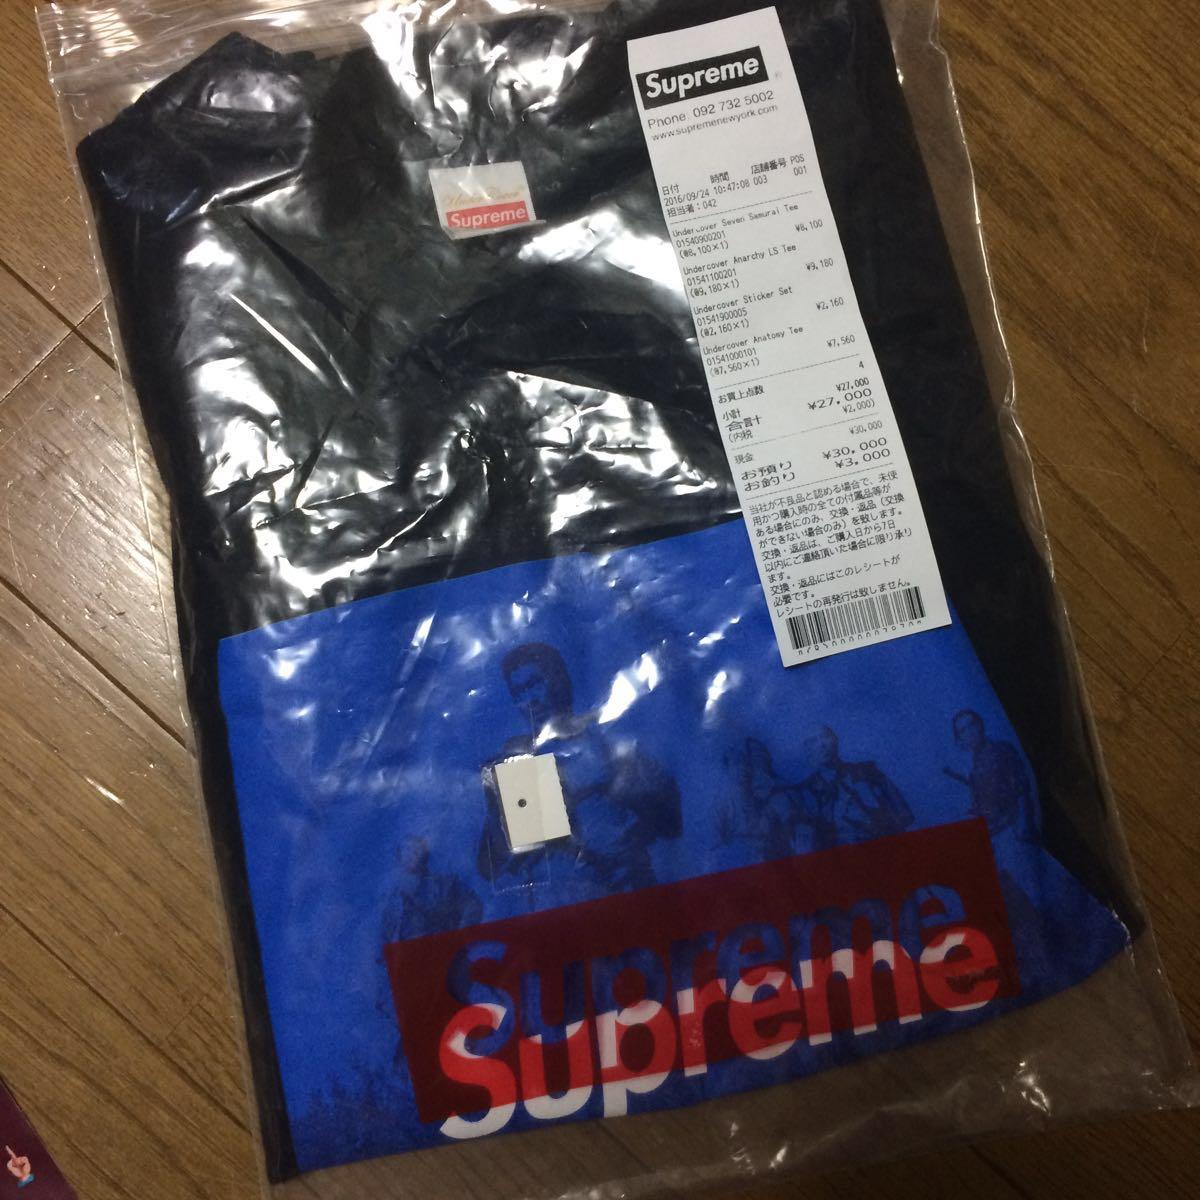 Supreme シュプリーム UNDERCOVER アンダーカバー 16aw Seven Samurai Tee Tシャツ M 黒 正規品 タグあり レシート 納品書_画像1